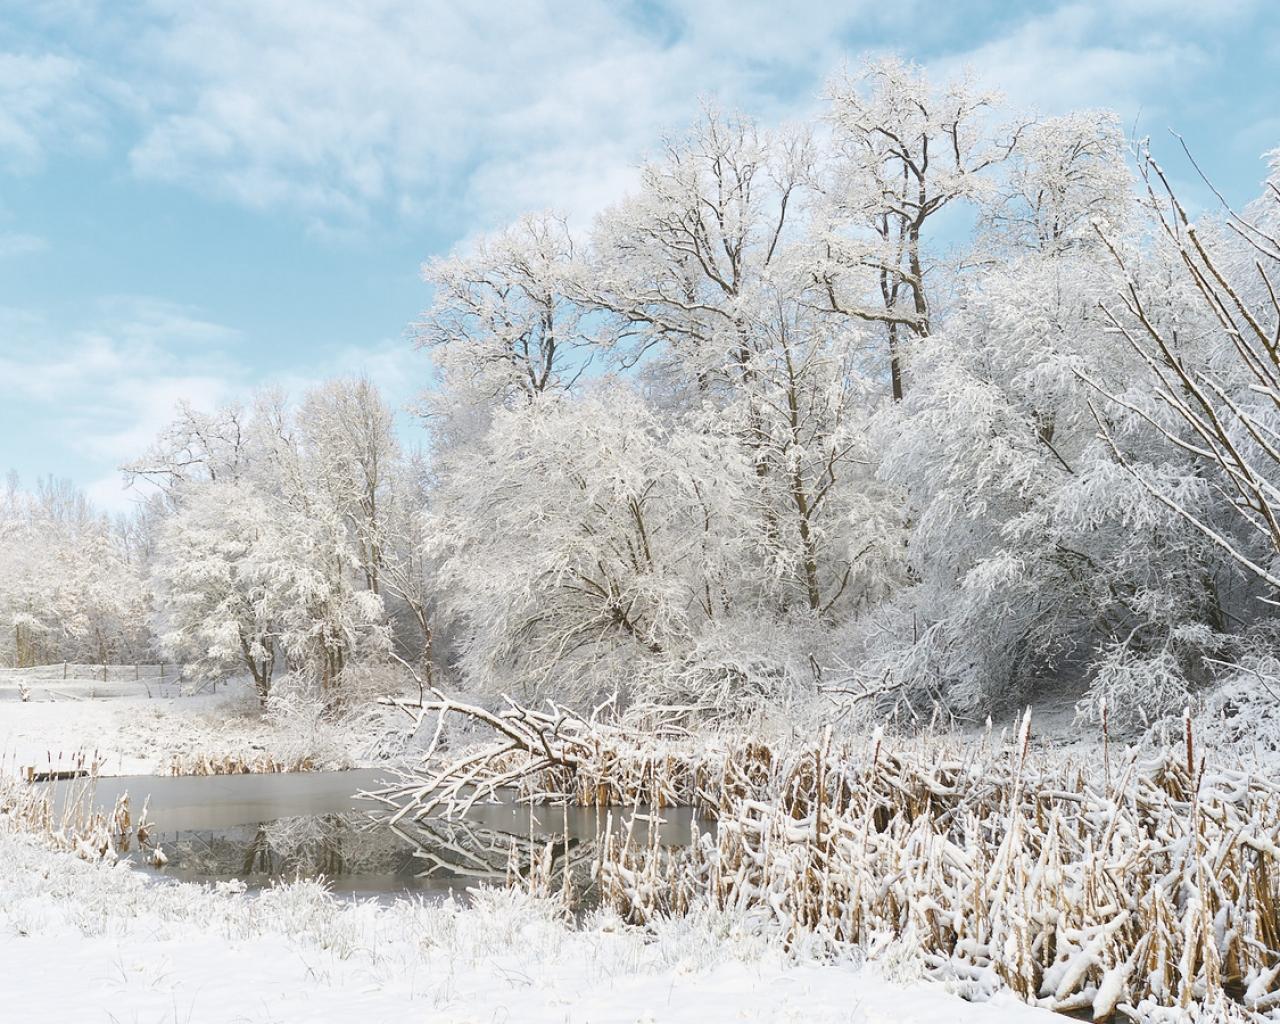 Invierno lleno de Nieve - 1280x1024